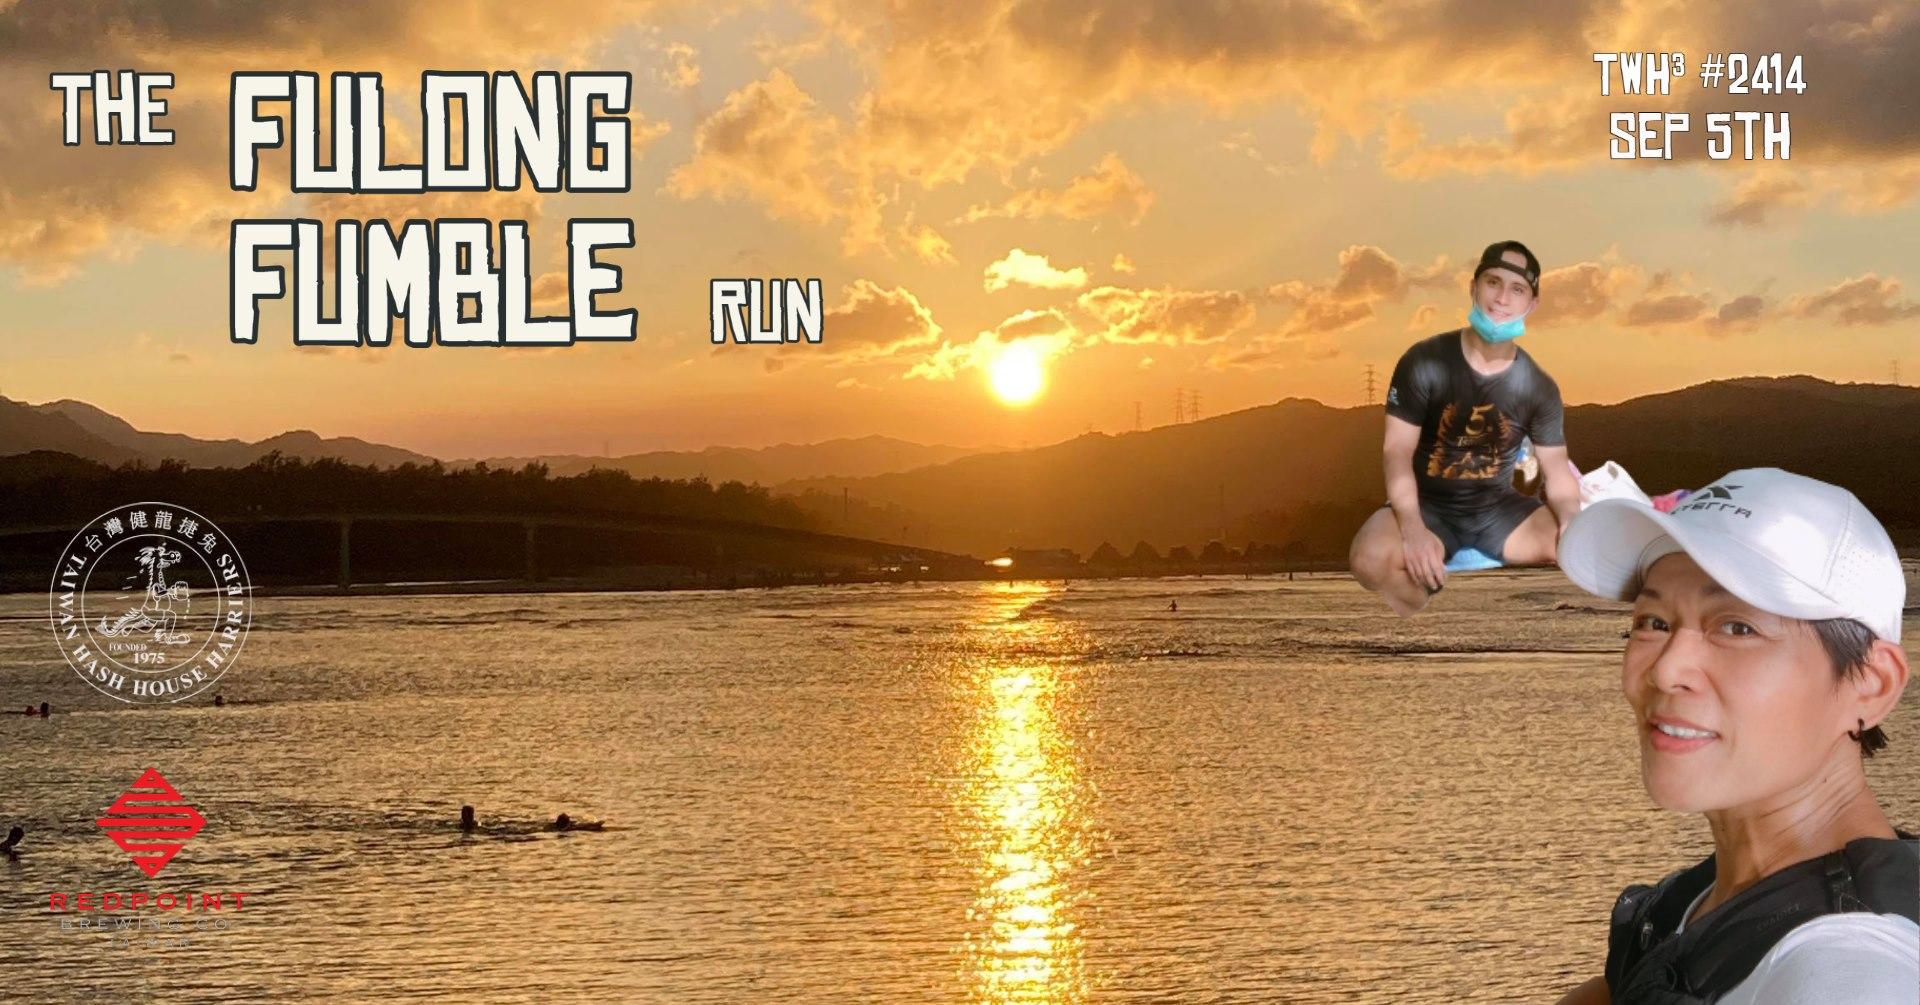 #2414 - The Fulong Fumble Run